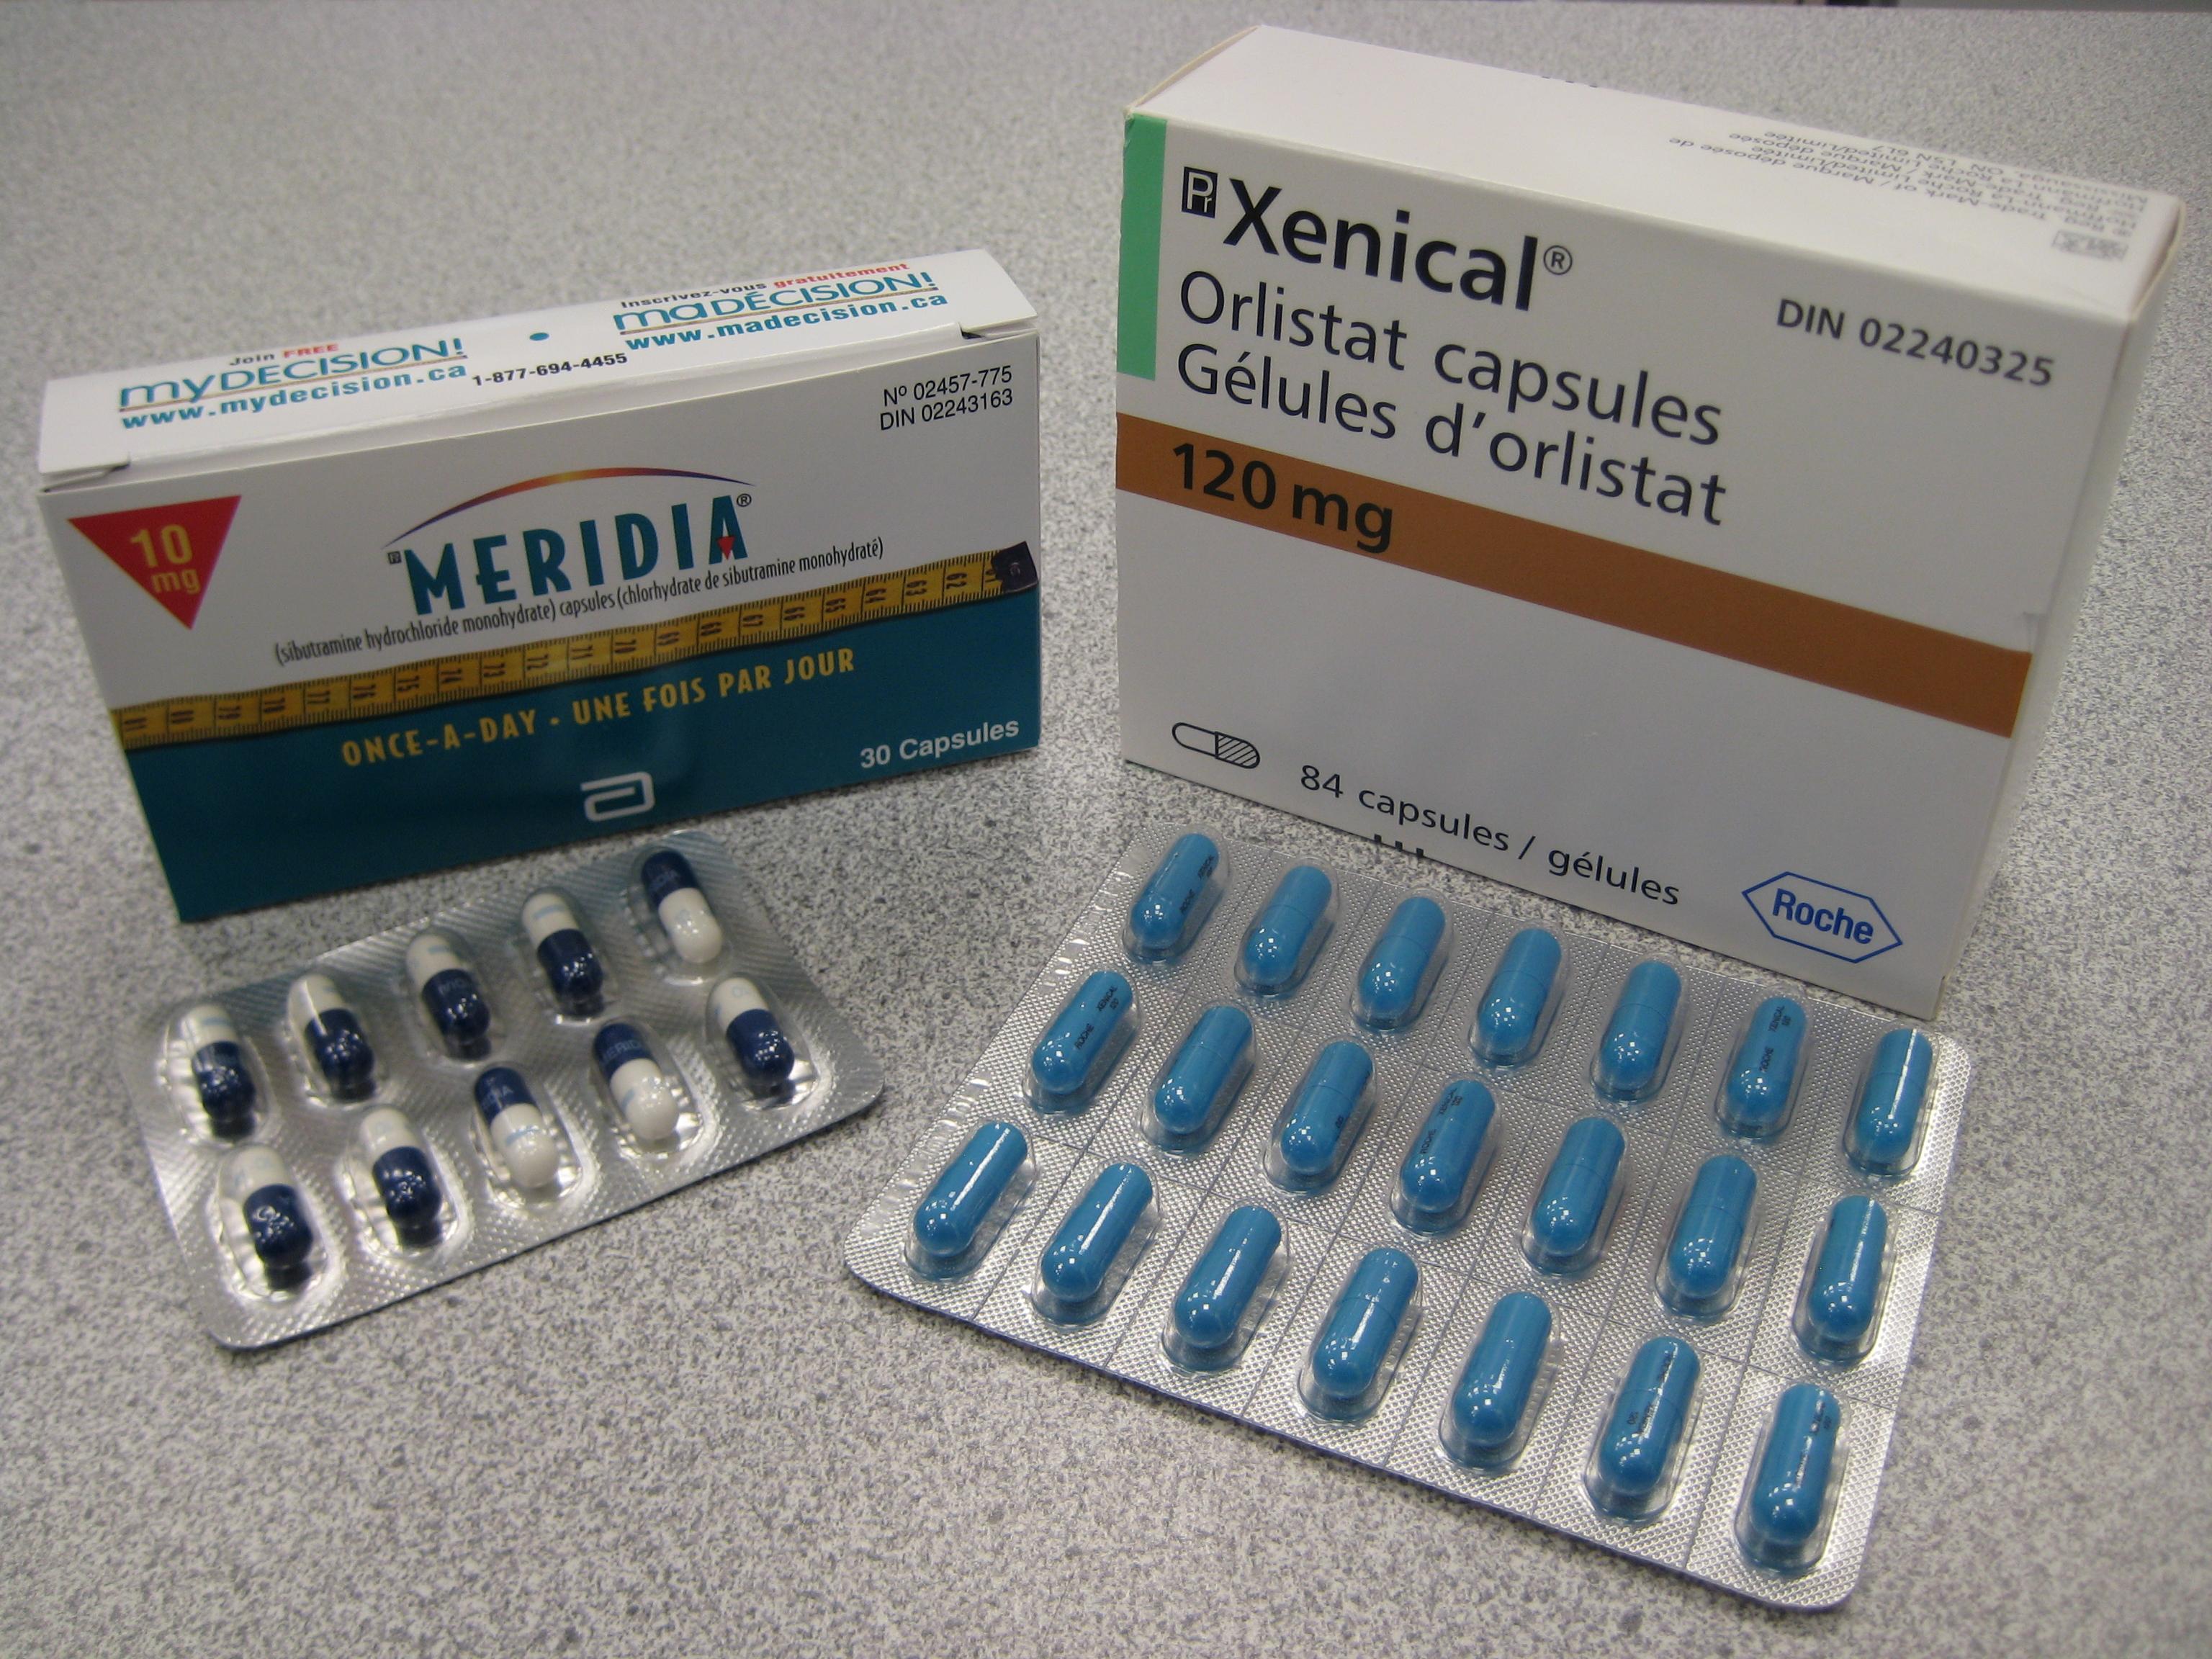 preisvergleich cialis 20 mg 12